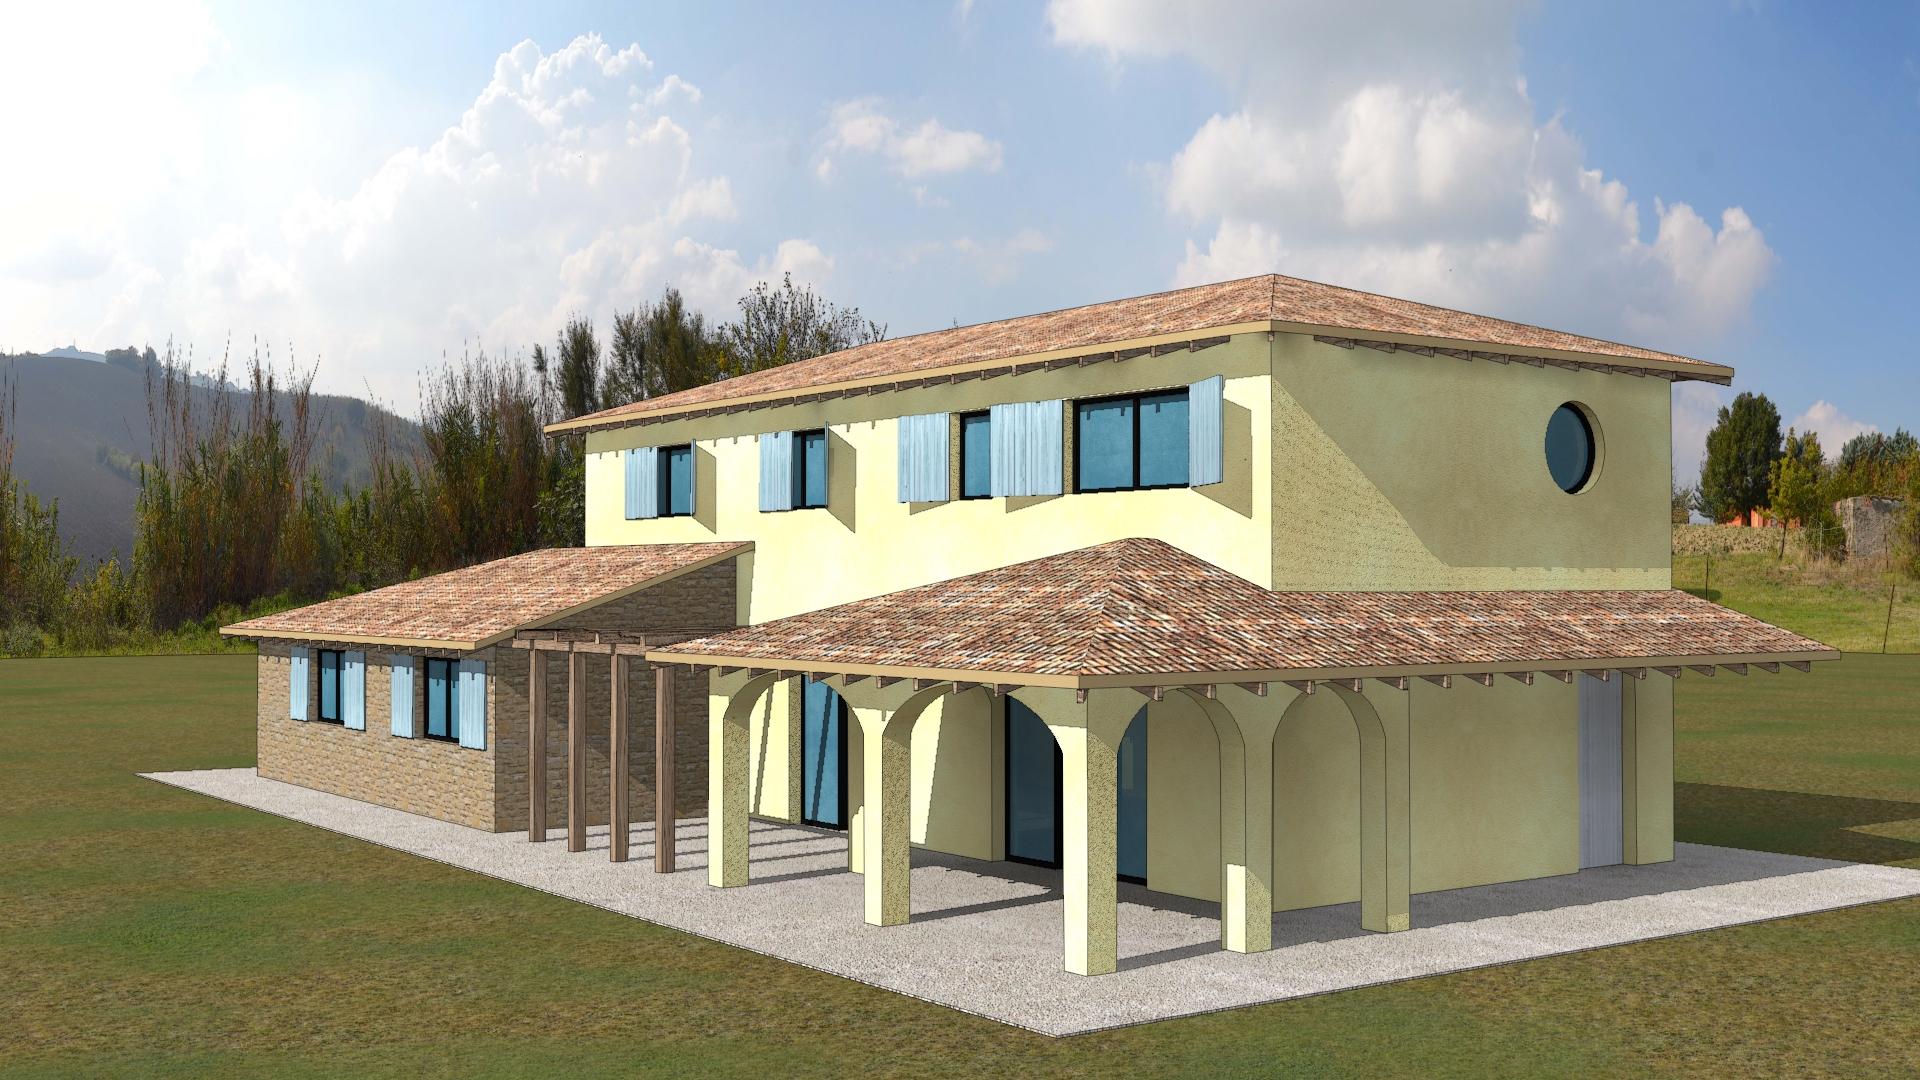 Casa in Legno - Cesena